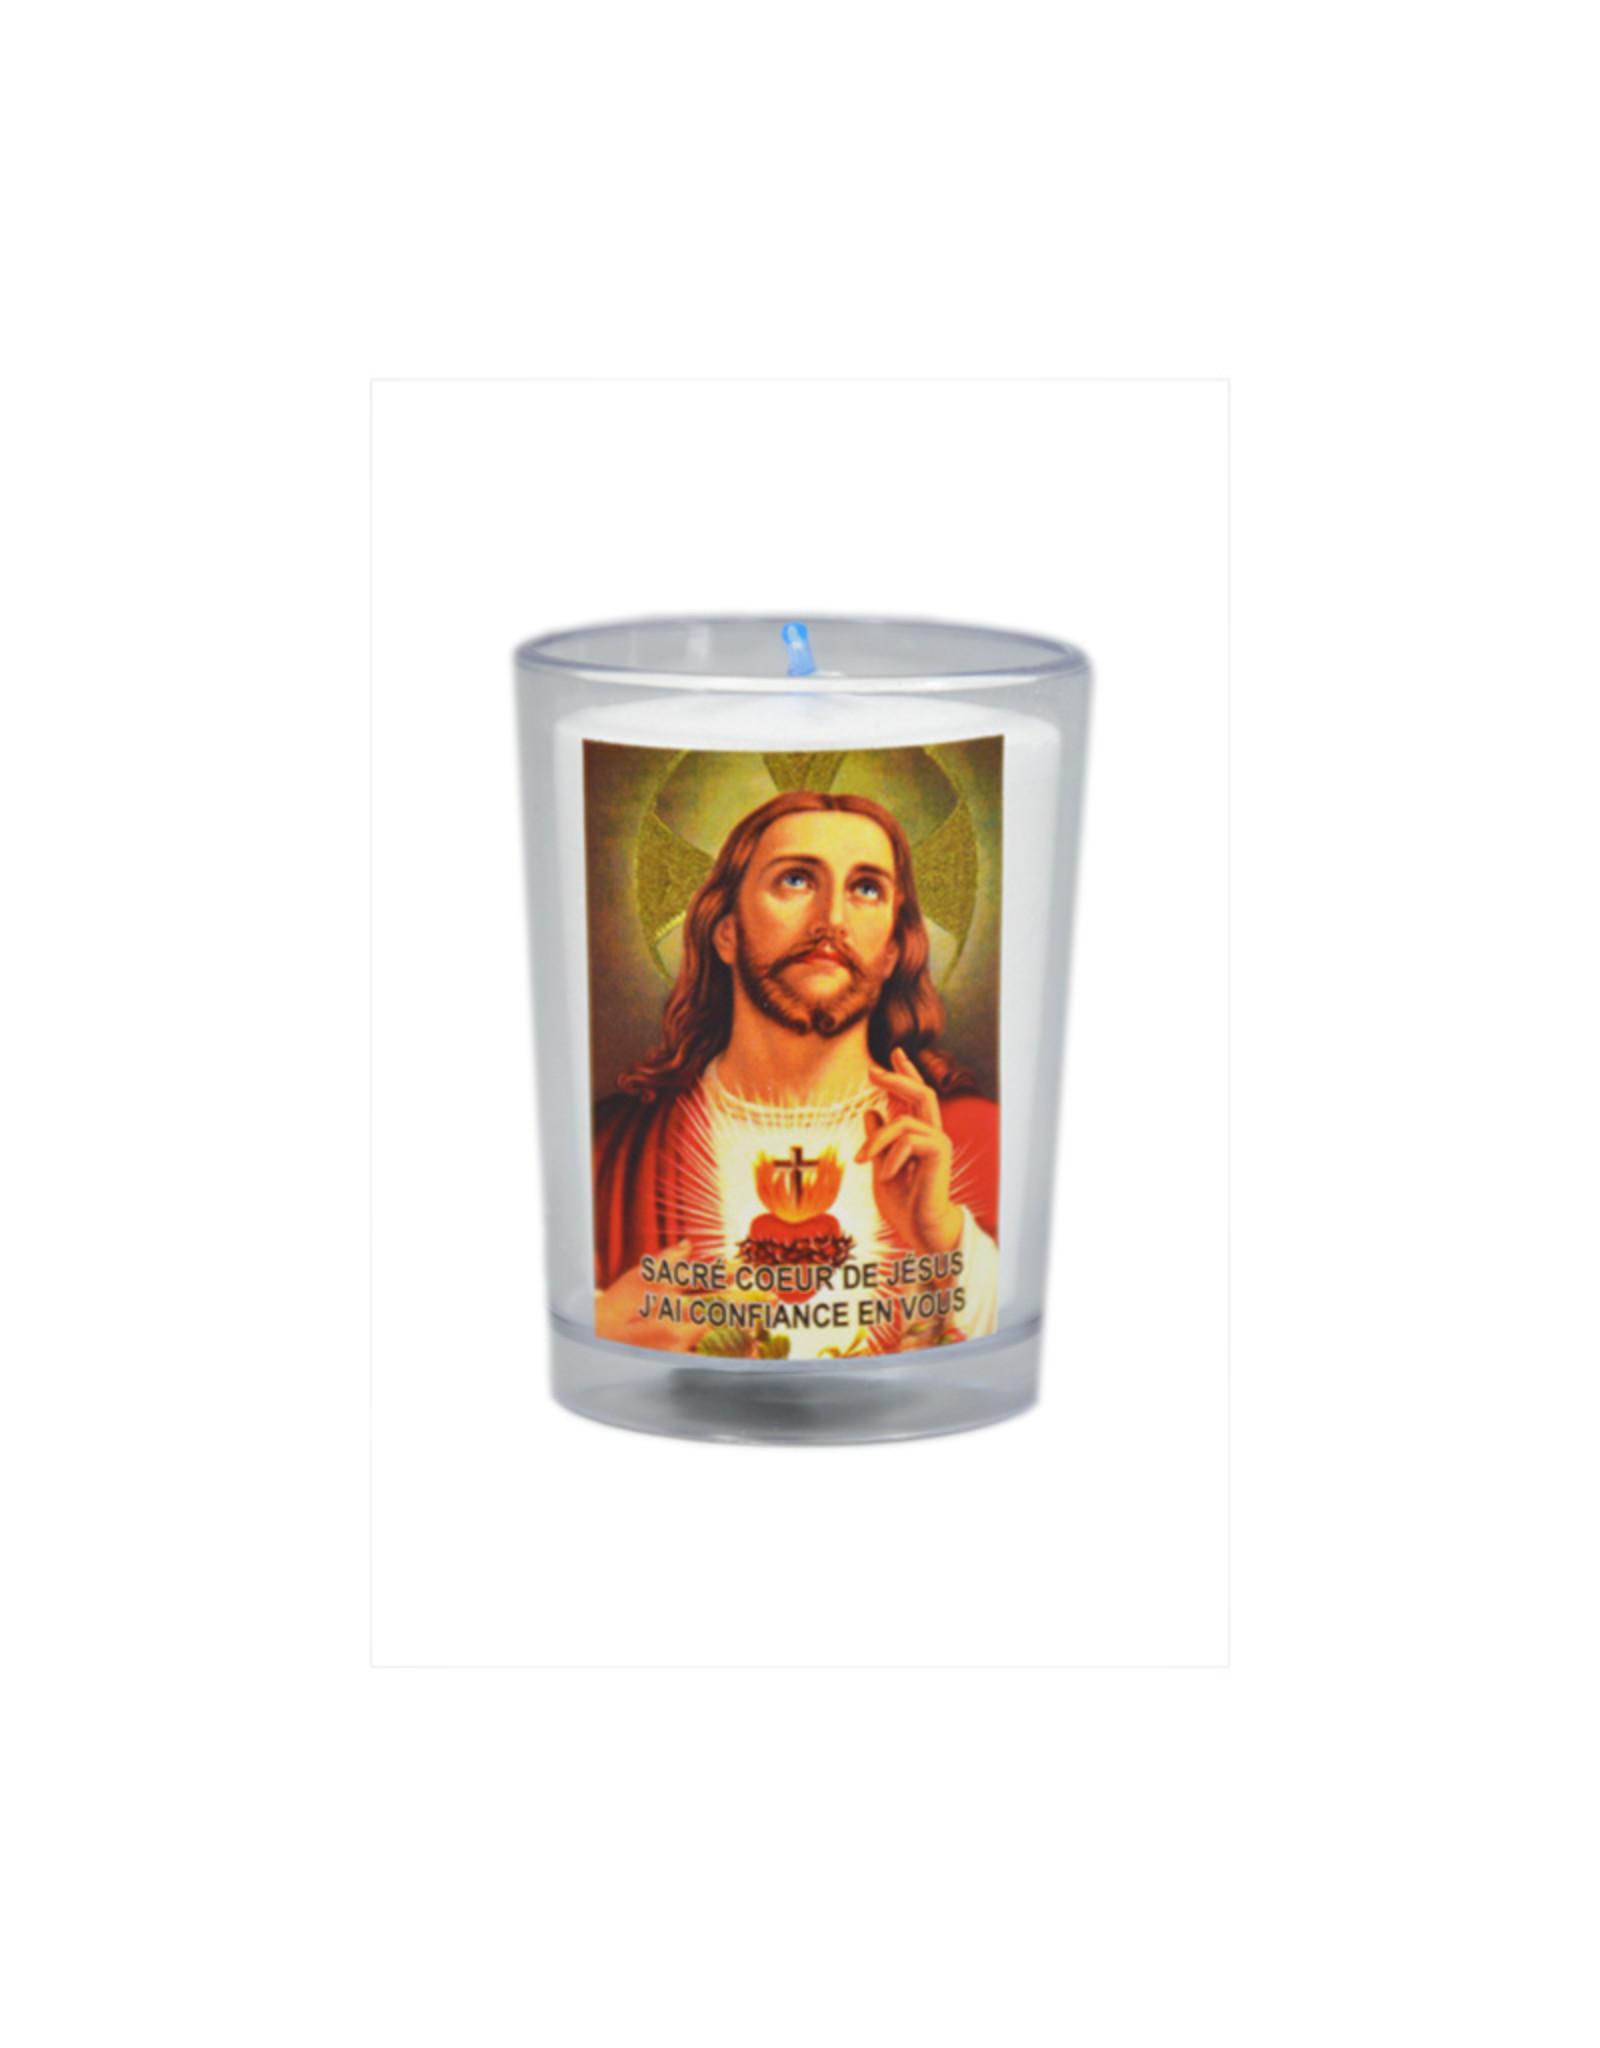 Chandelles Tradition / Tradition Candles Lampion du Sacré Cœur de Jésus